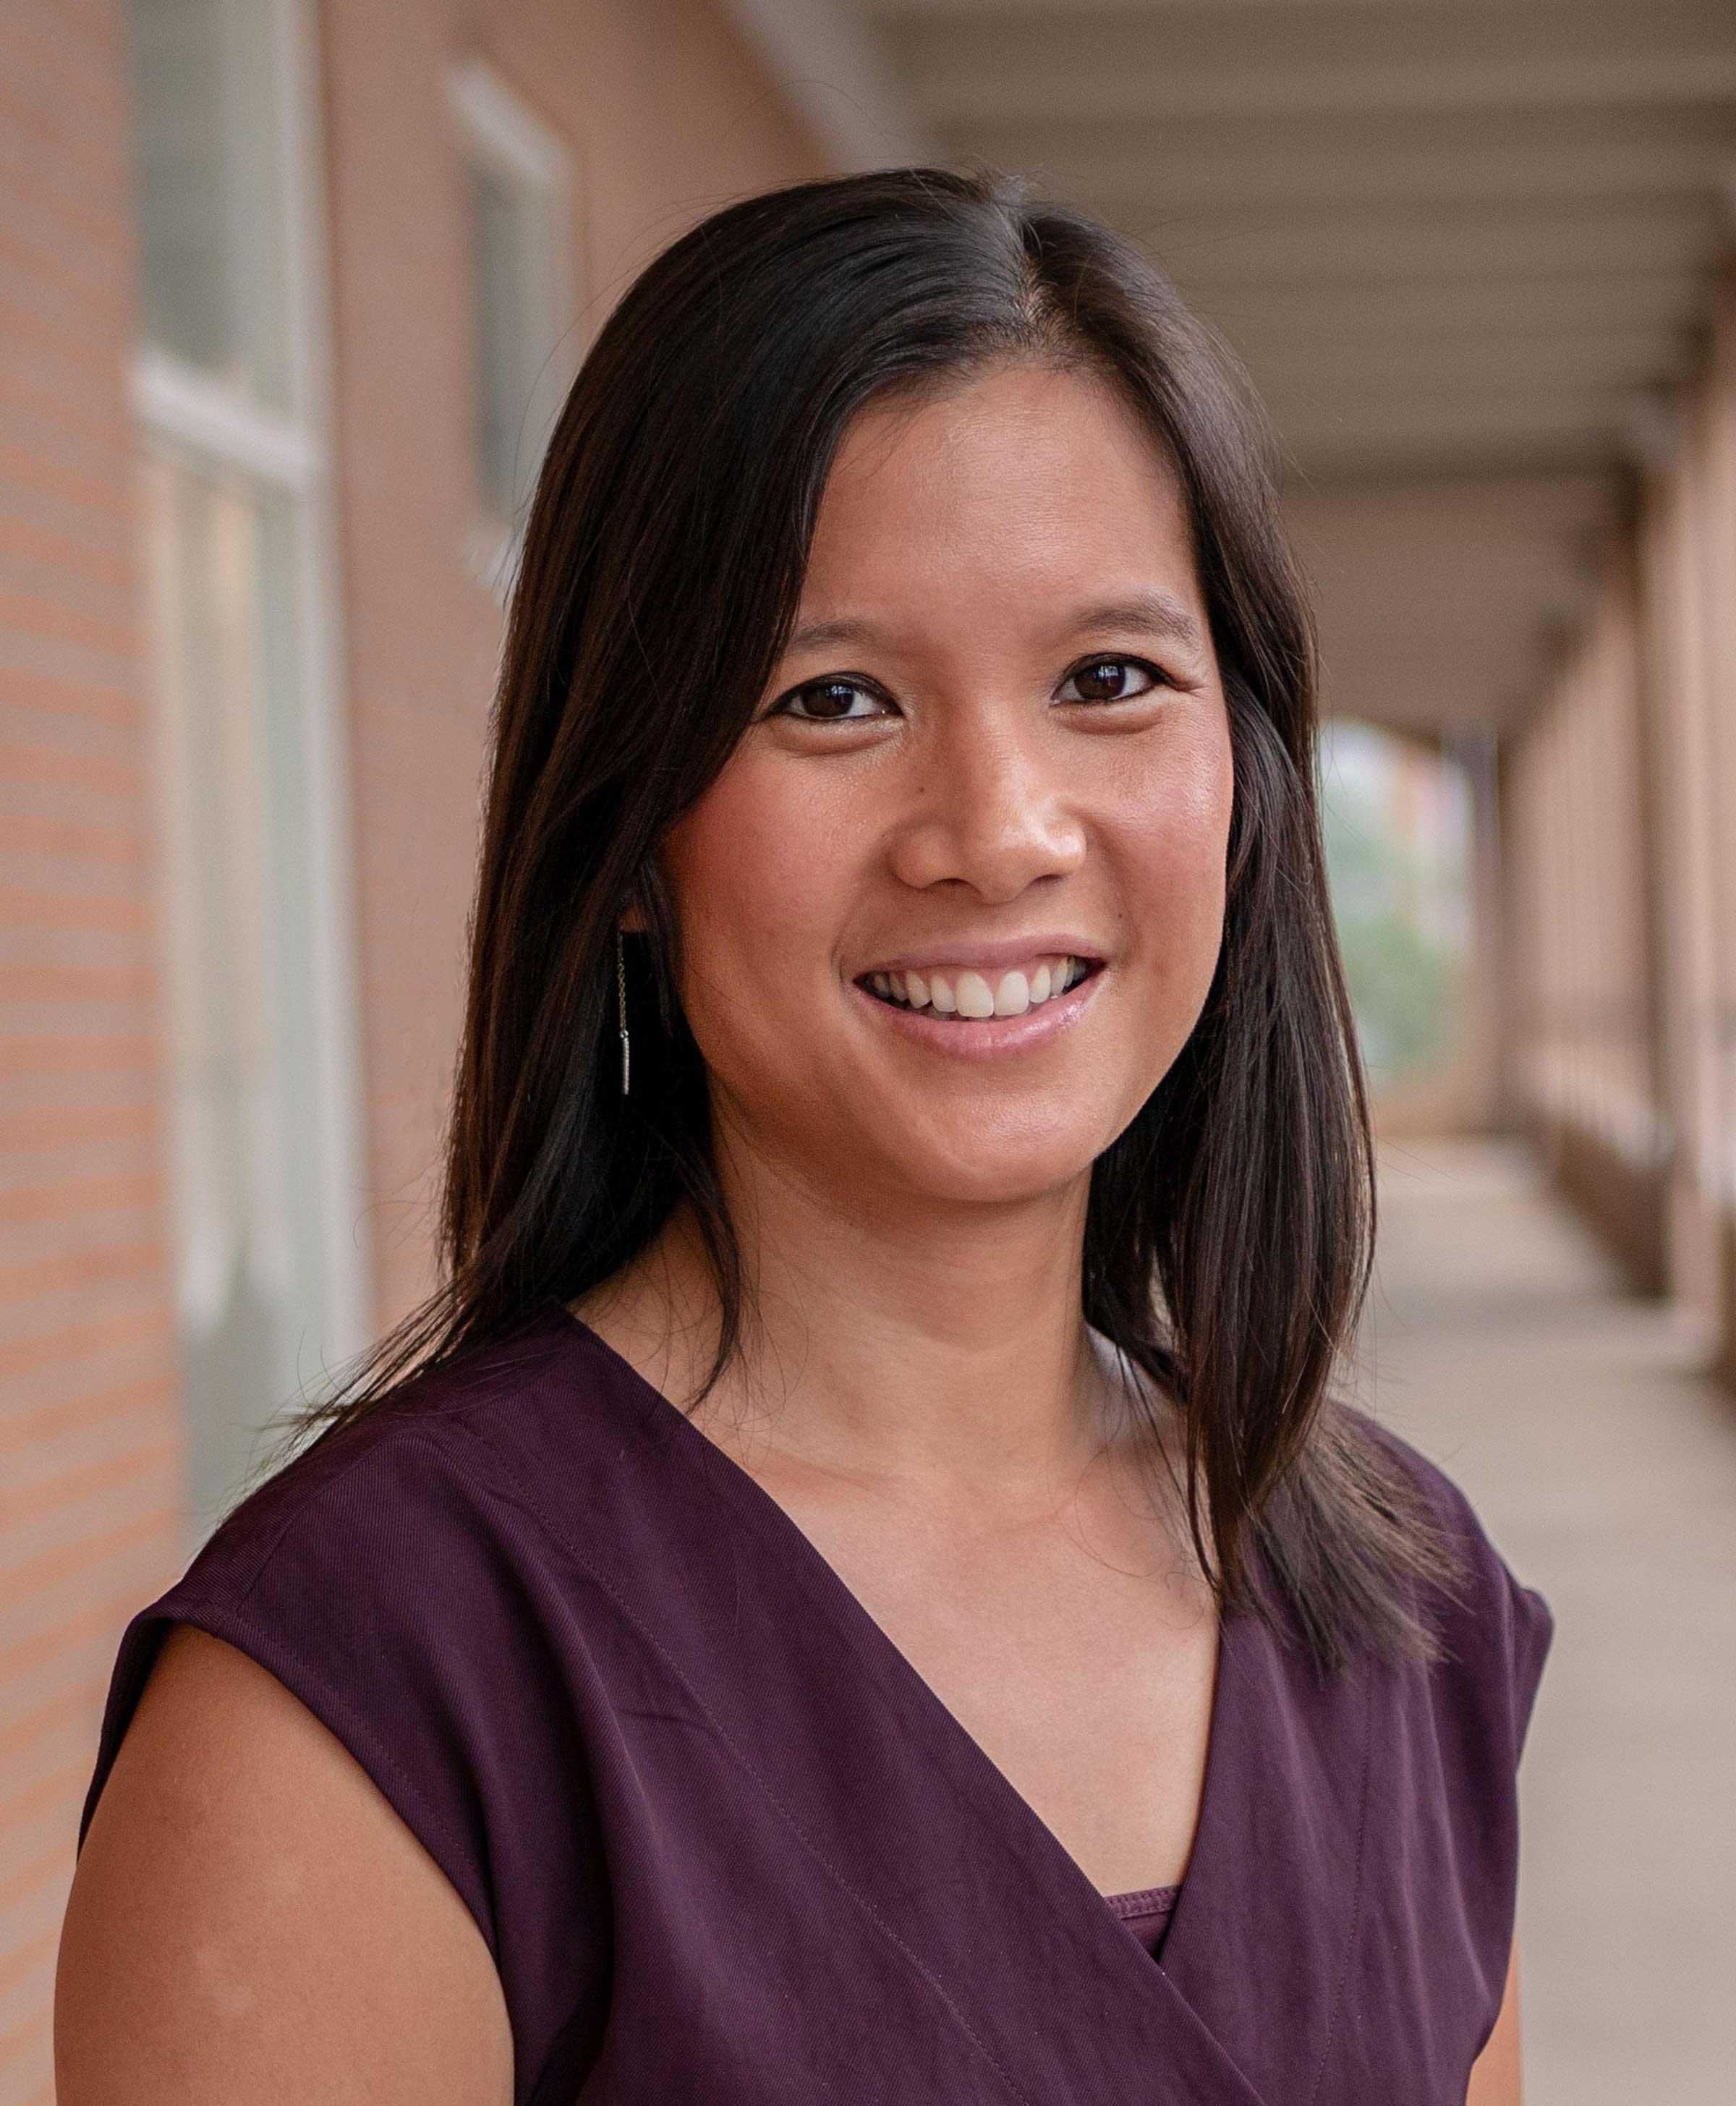 ASU Assistant Professor Thao Ha